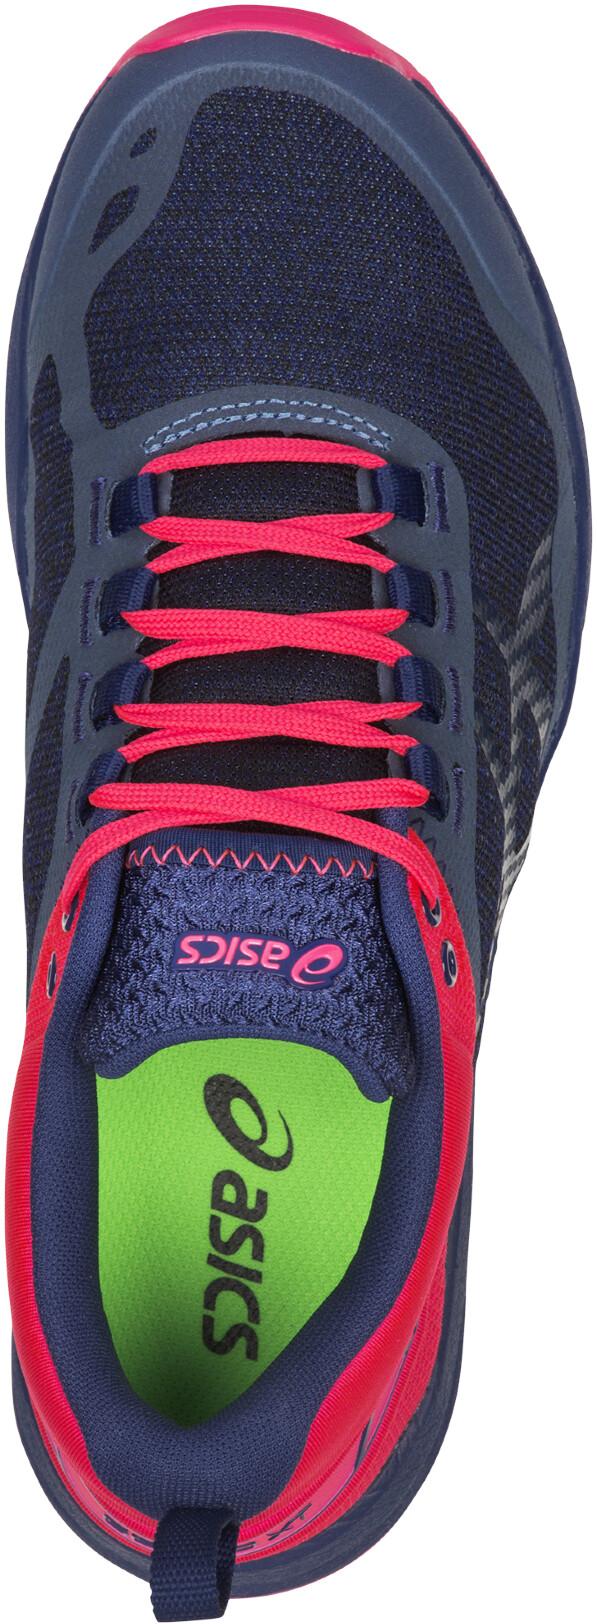 b968a36d3ed9 asics Gecko XT Shoes Women Azure Deep Ocean